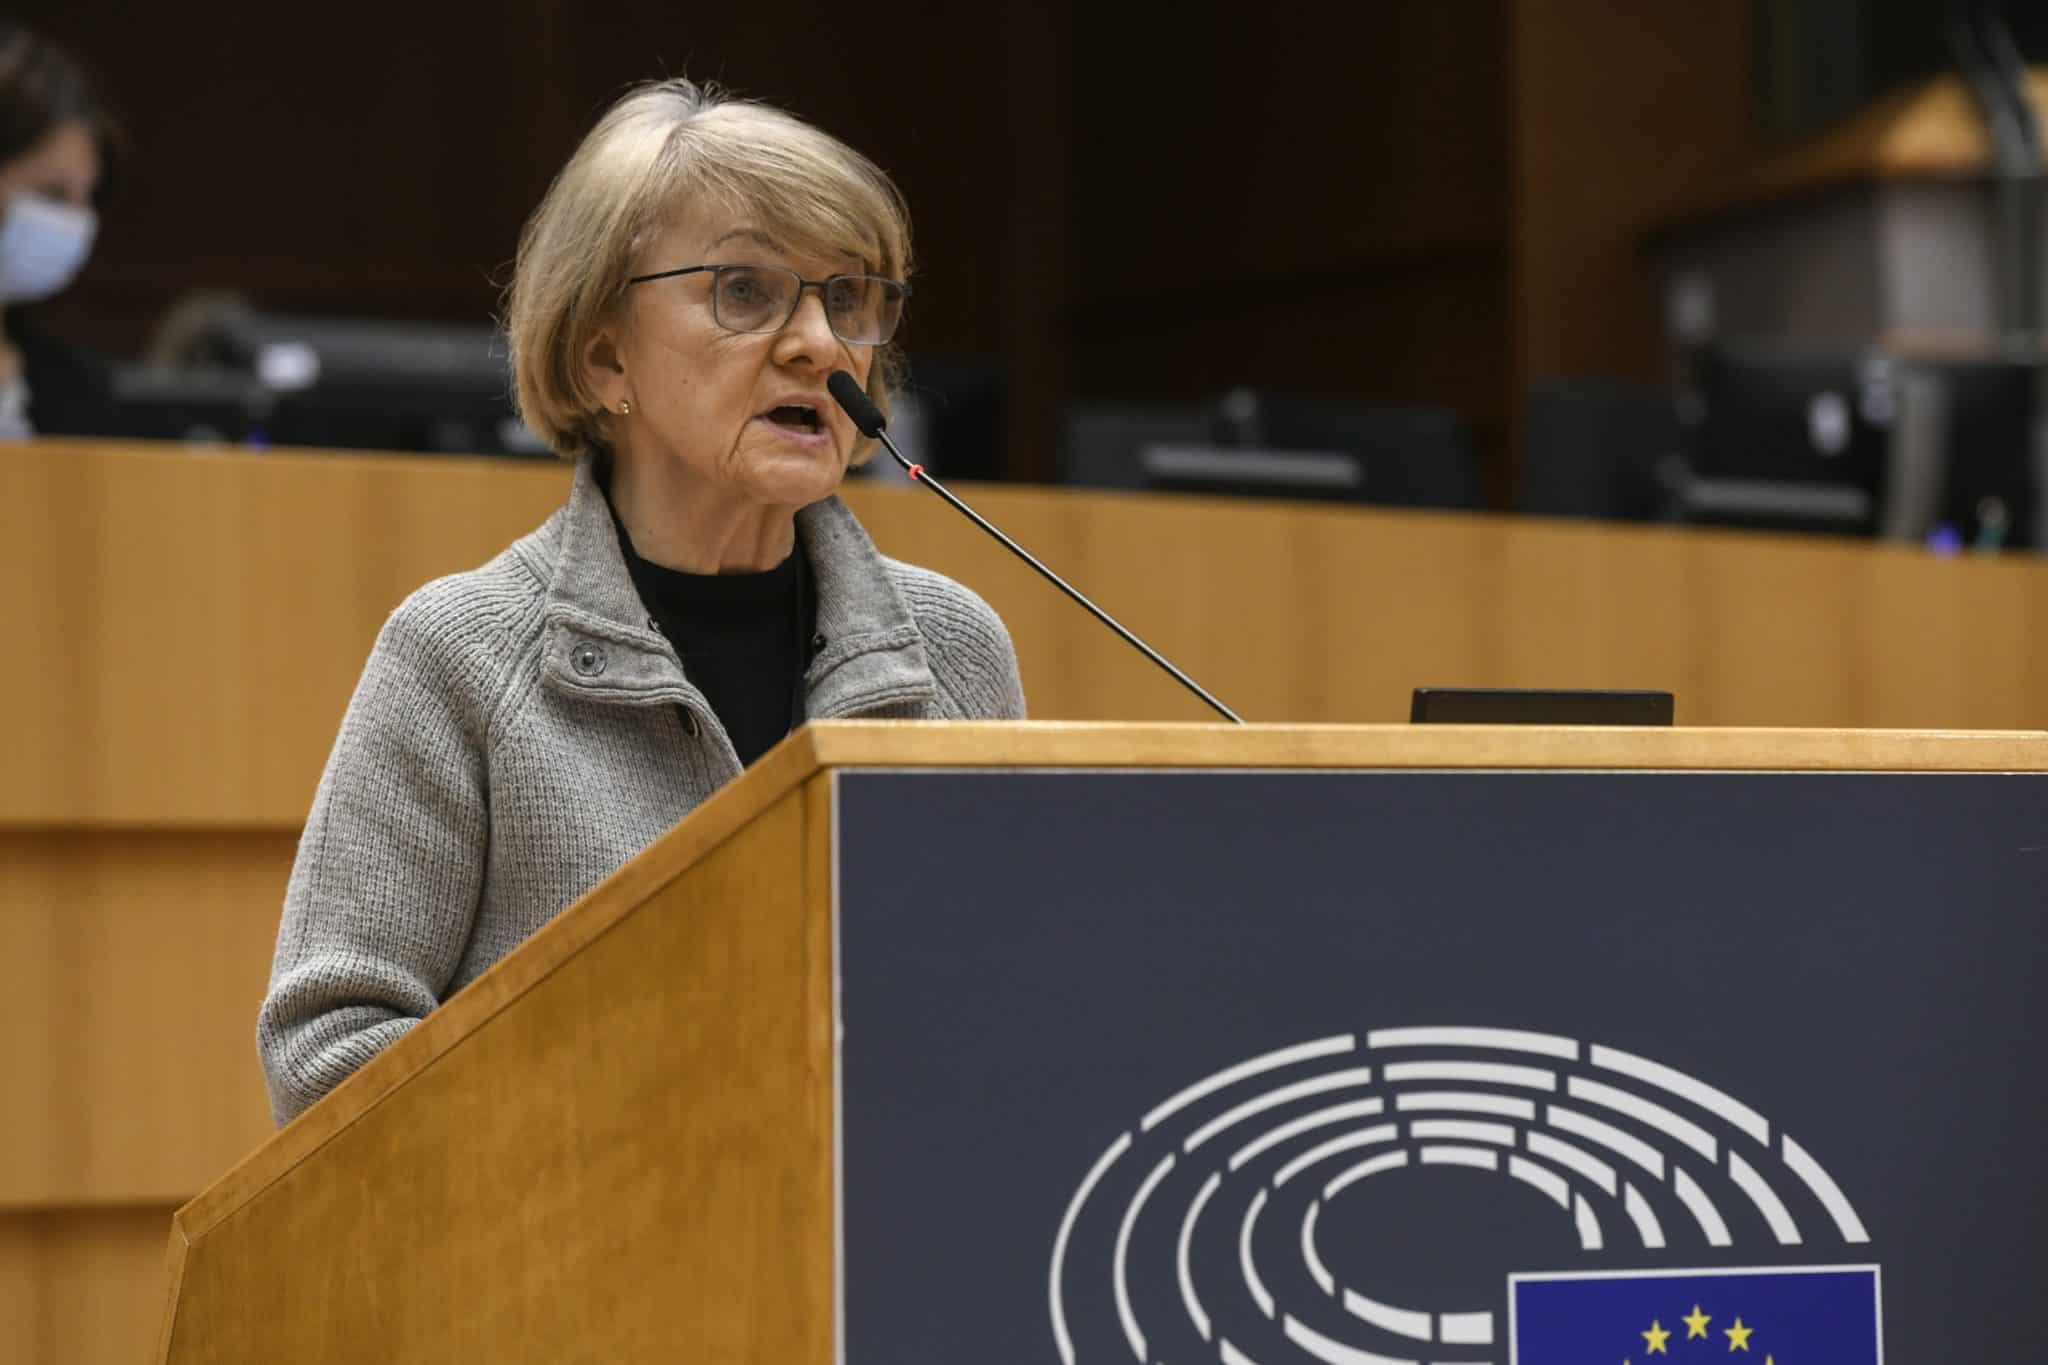 Polish MEP Danuta Hübner